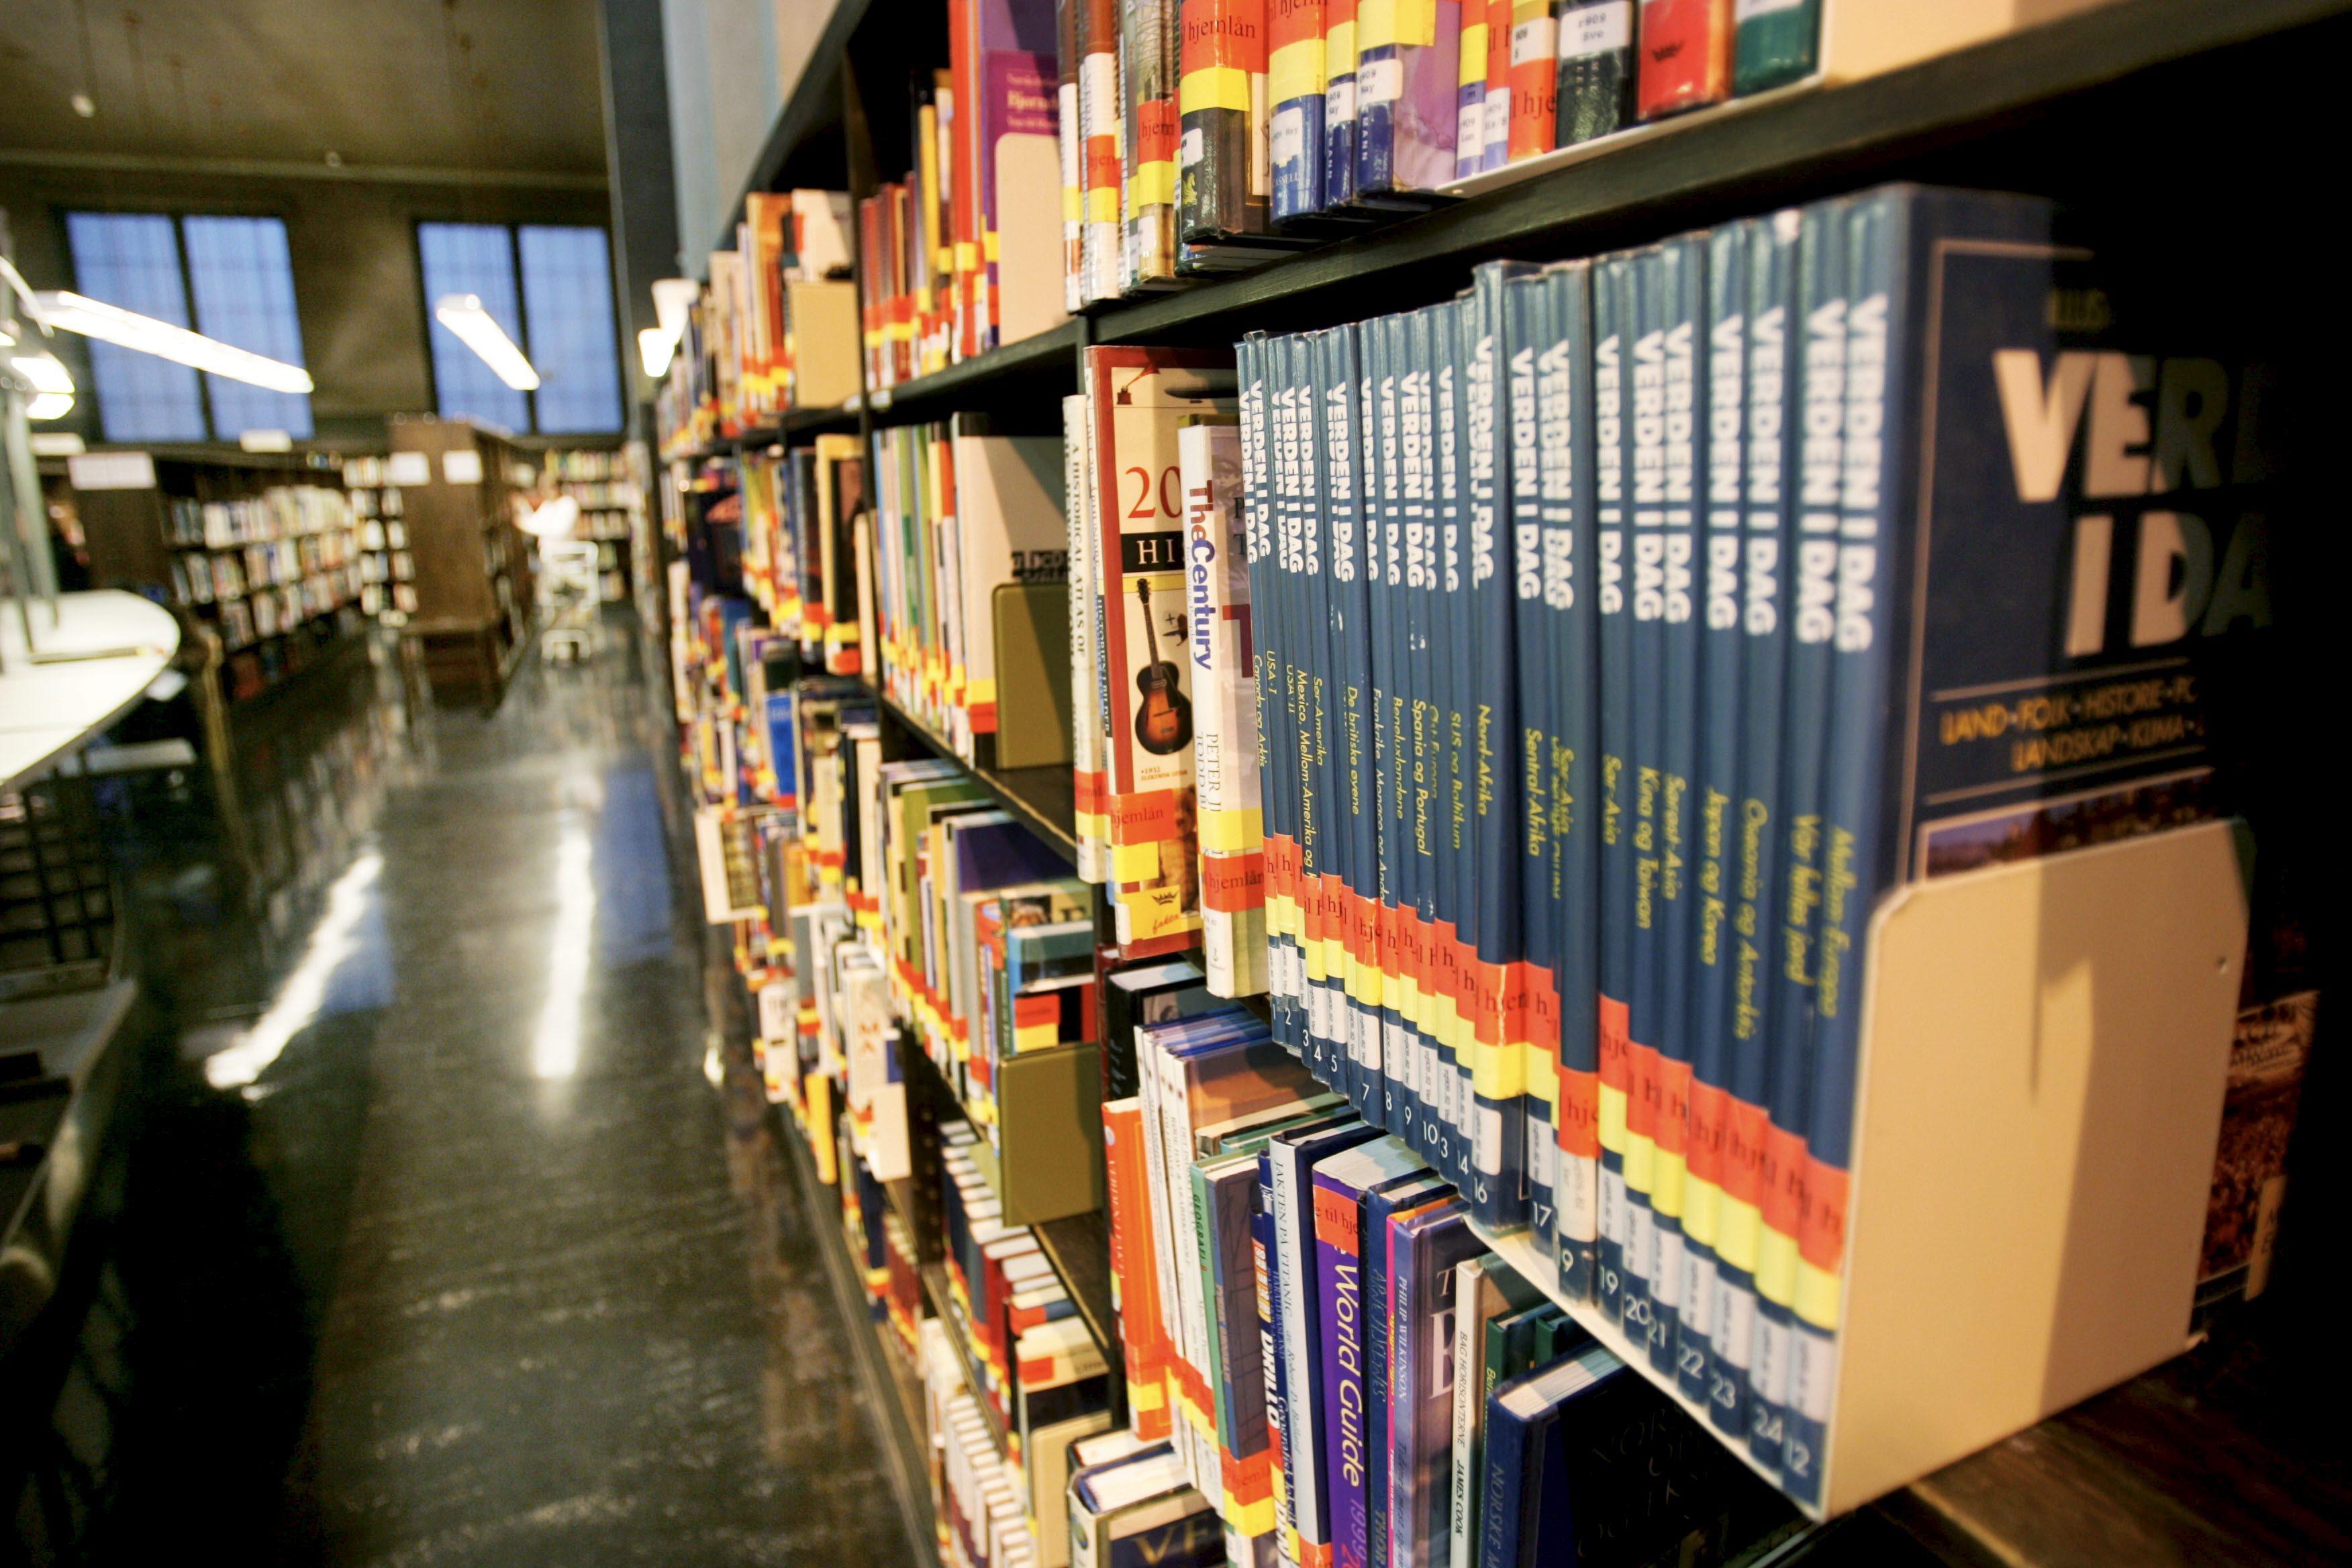 Folkebiblioteka tilbyr meir enn bøker. I 2017 var det nesten 50.000 arrangement i folkebiblioteka. Foto: Ørn E. Borgen / NTB scanpix / NPK